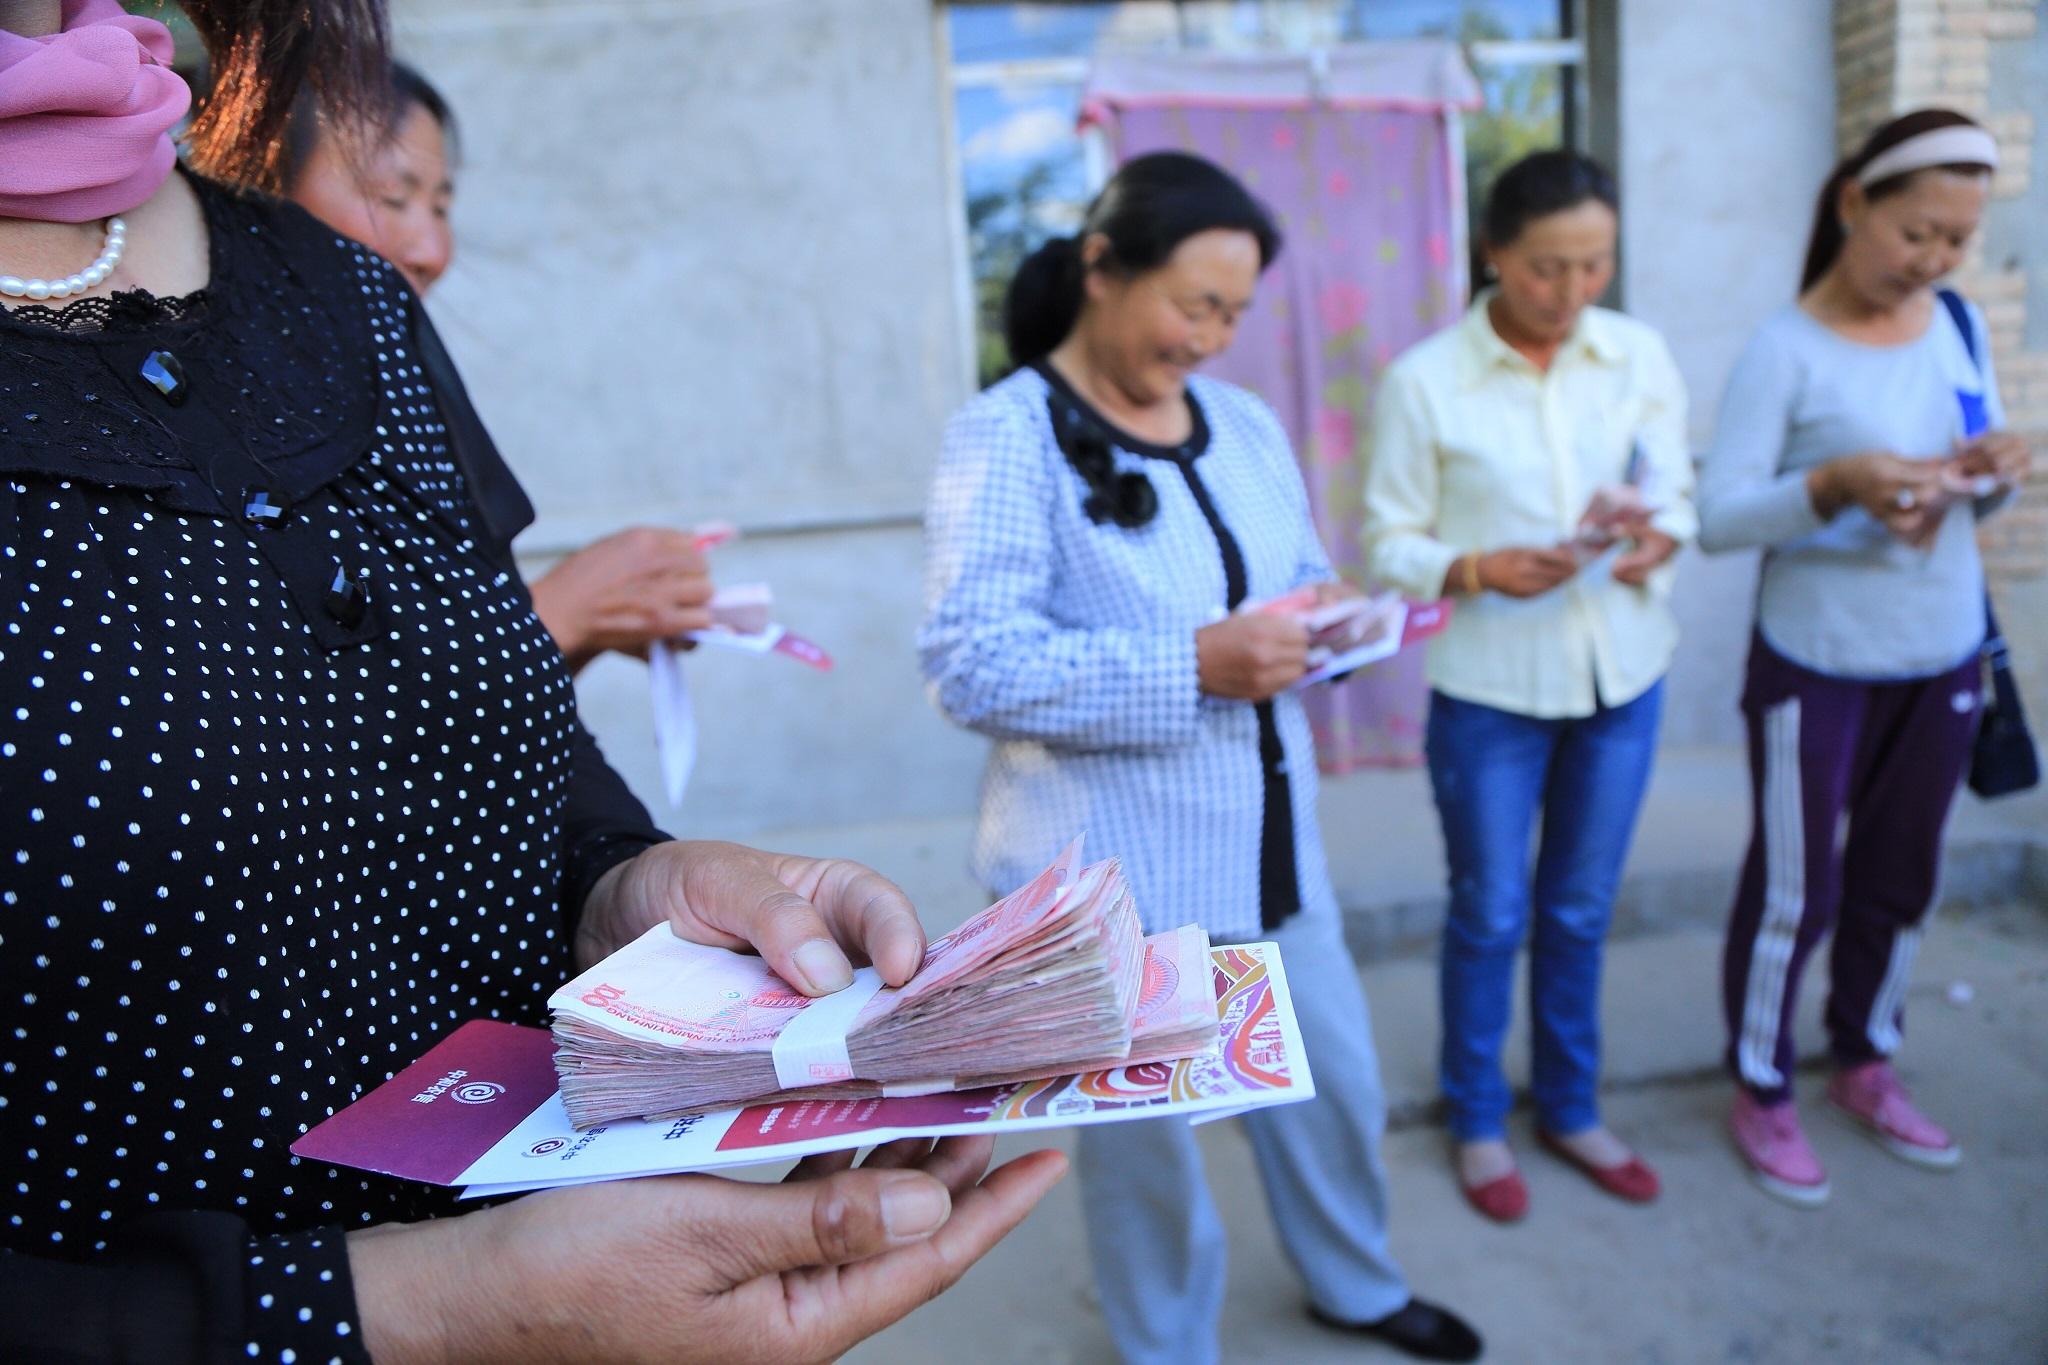 Chifeng, Inner Mongolia, China.